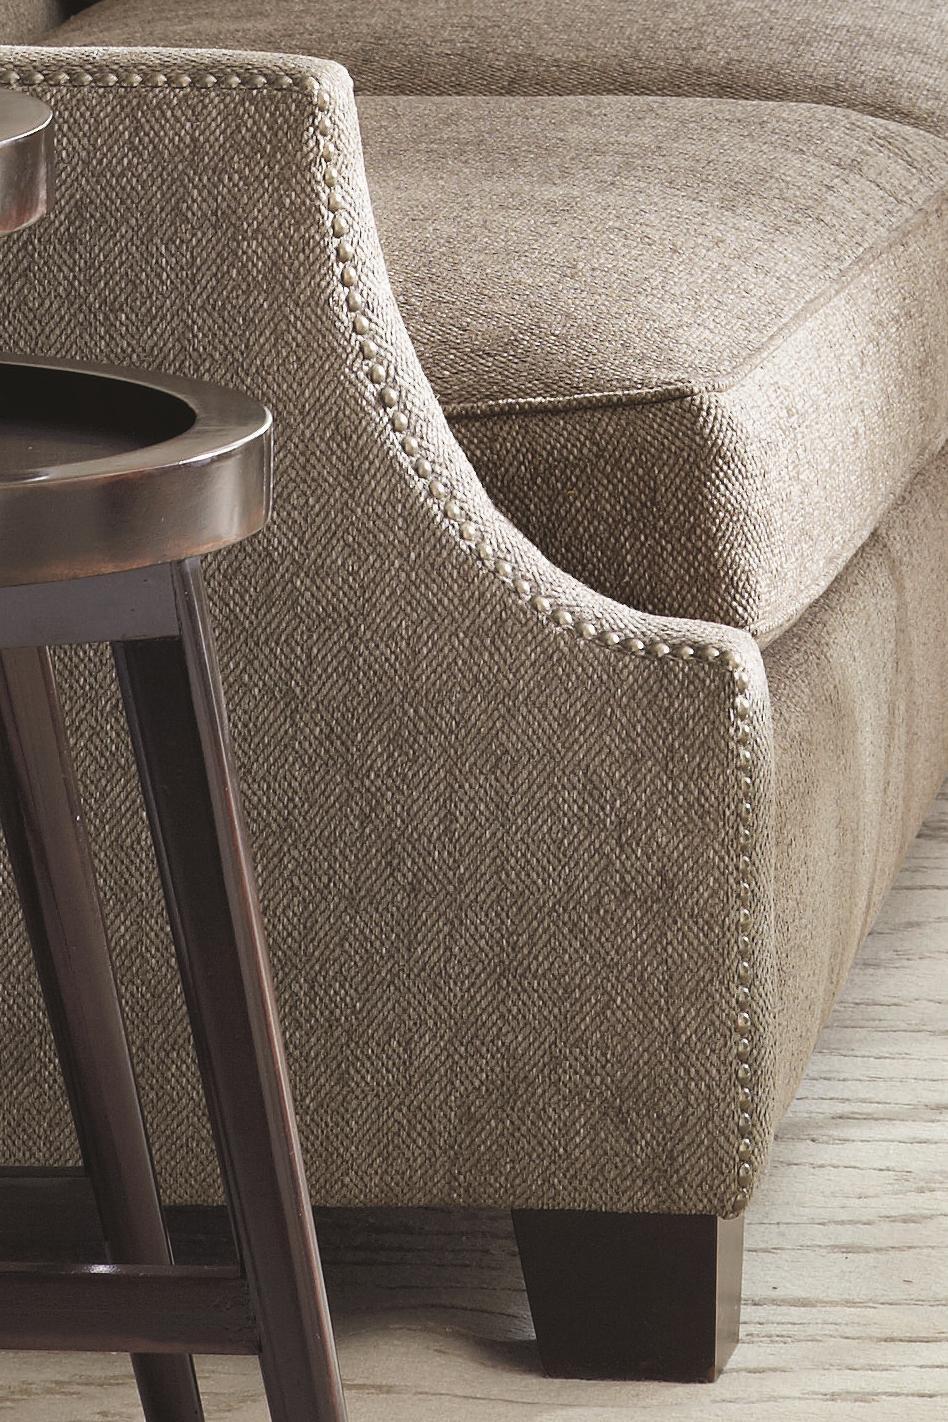 Interiors Franco N965 By Bernhardt Belfort Furniture Dealer